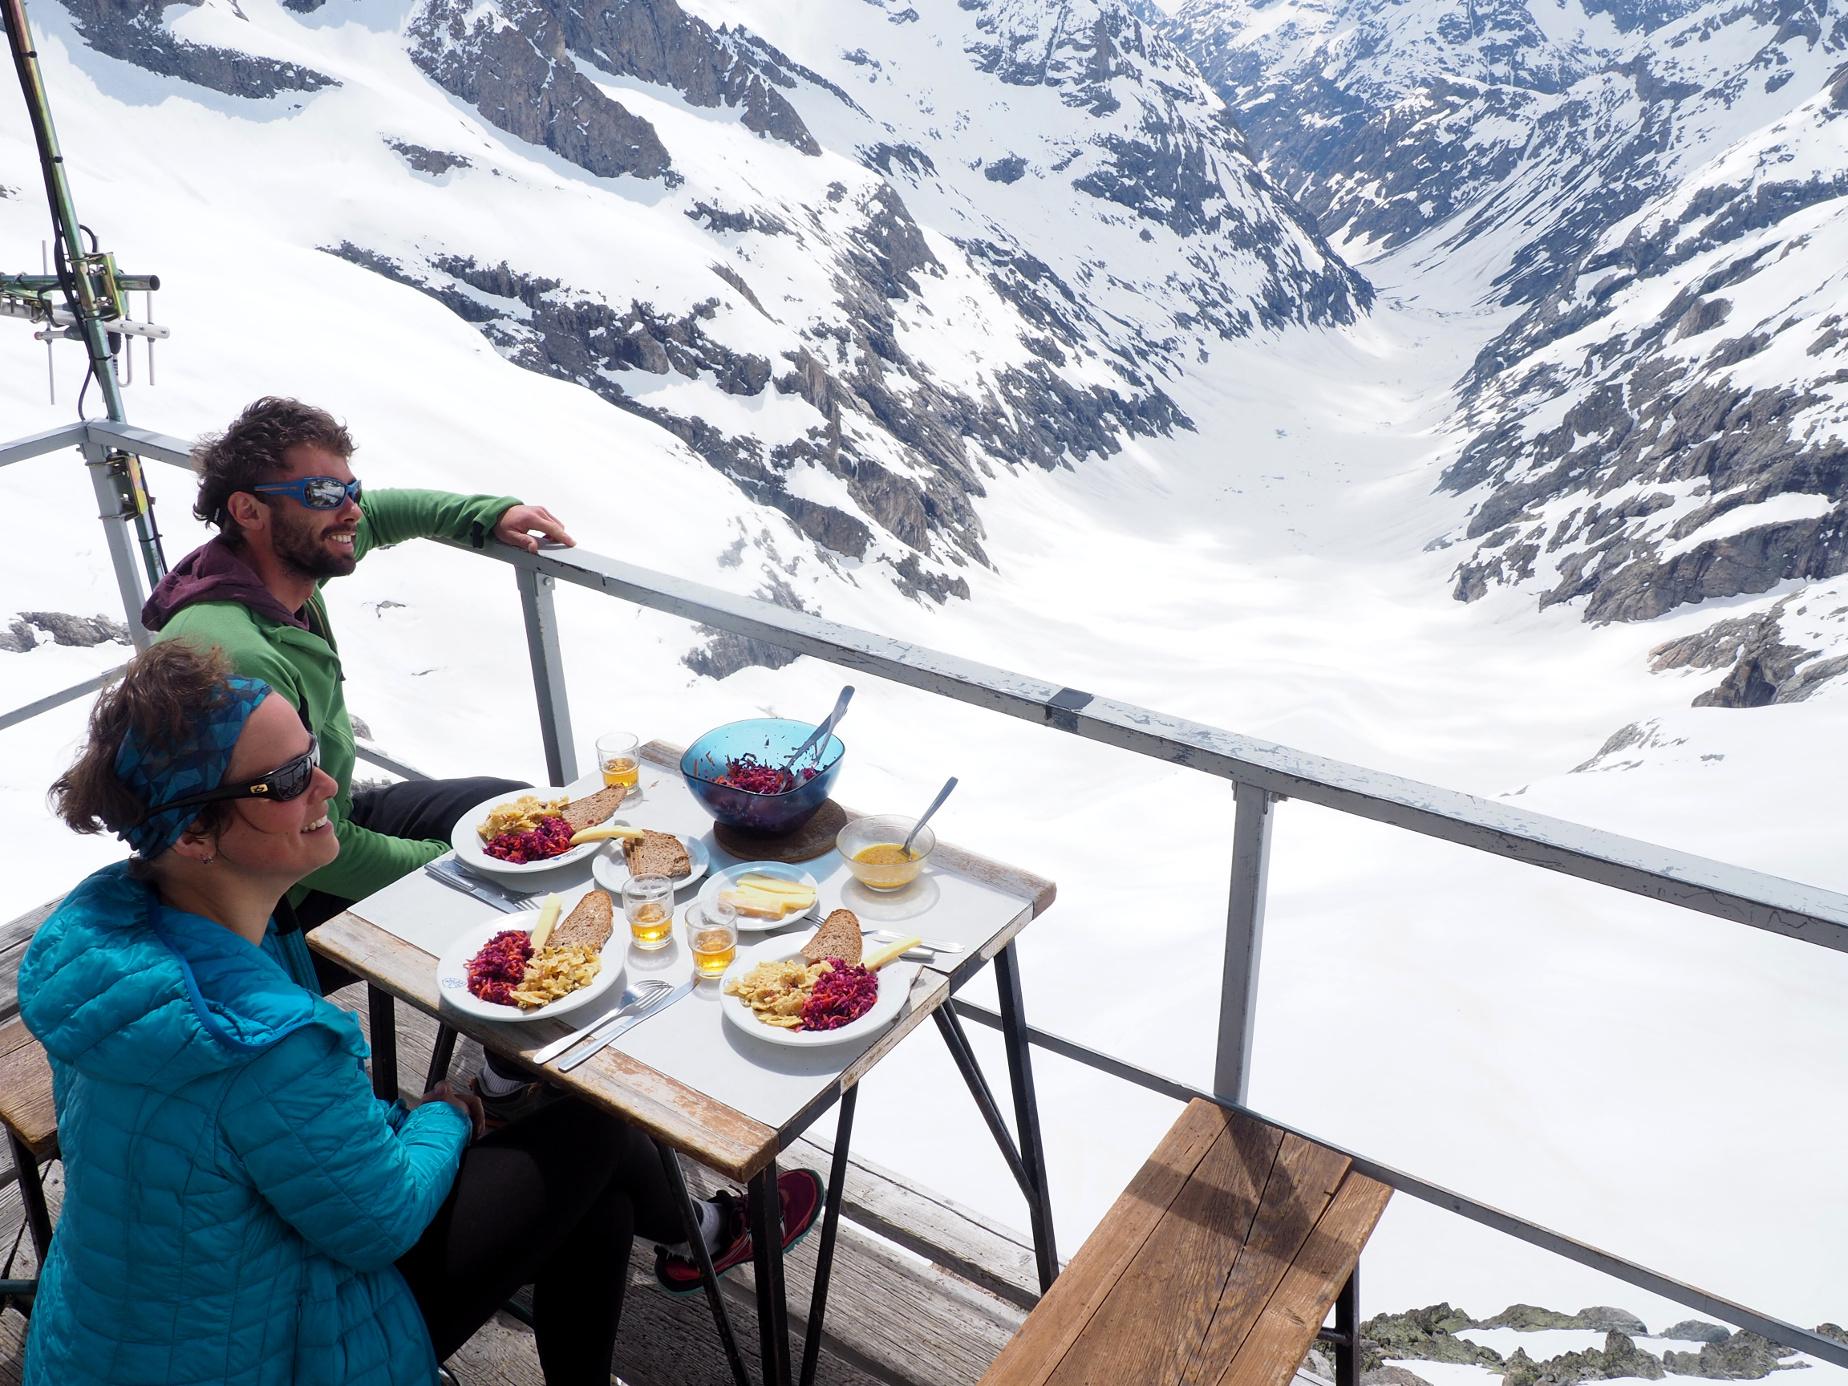 Seuls au soleil devant des montagnes enneigées, le déjeuner de l'équipe du refuge